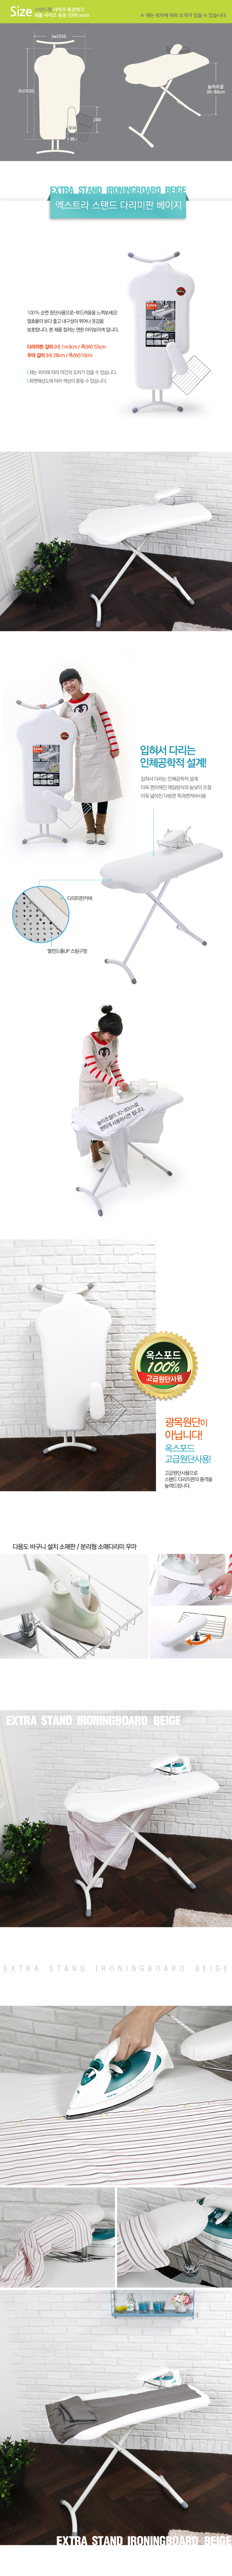 [ seachang ] Extras soporte tabla de planchar